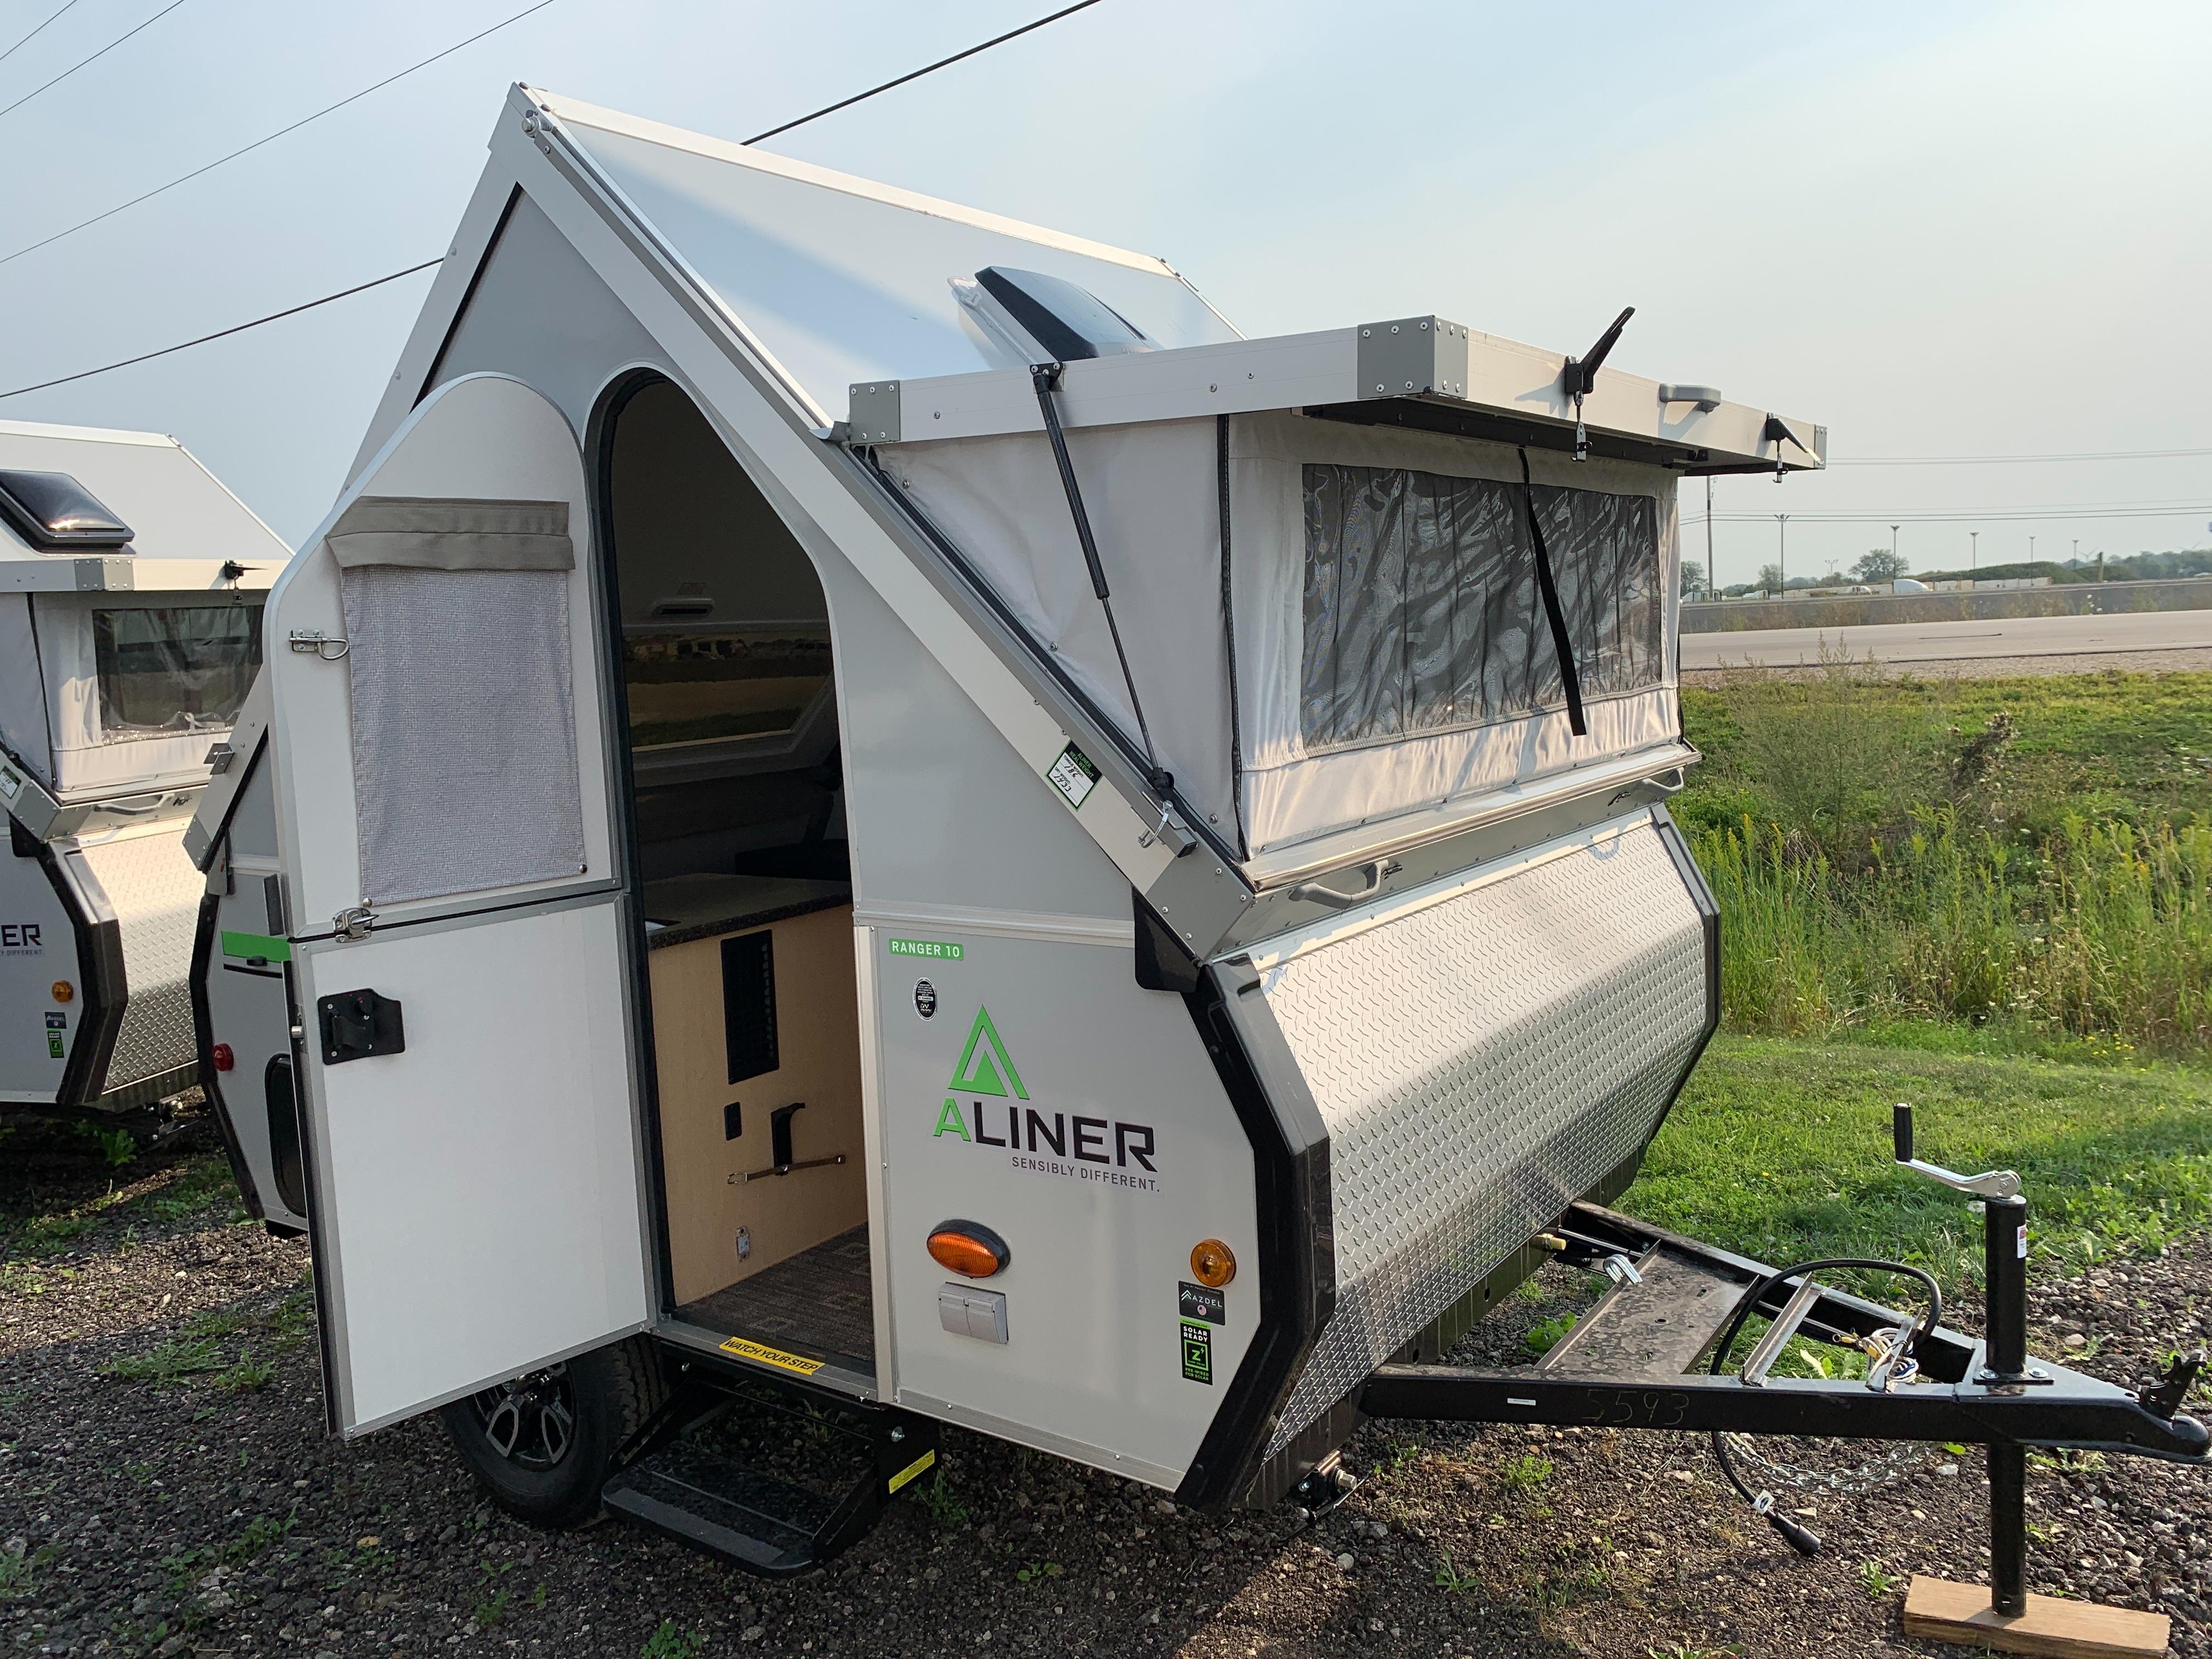 2022 Aliner Ranger 10 at Prosser's Premium RV Outlet